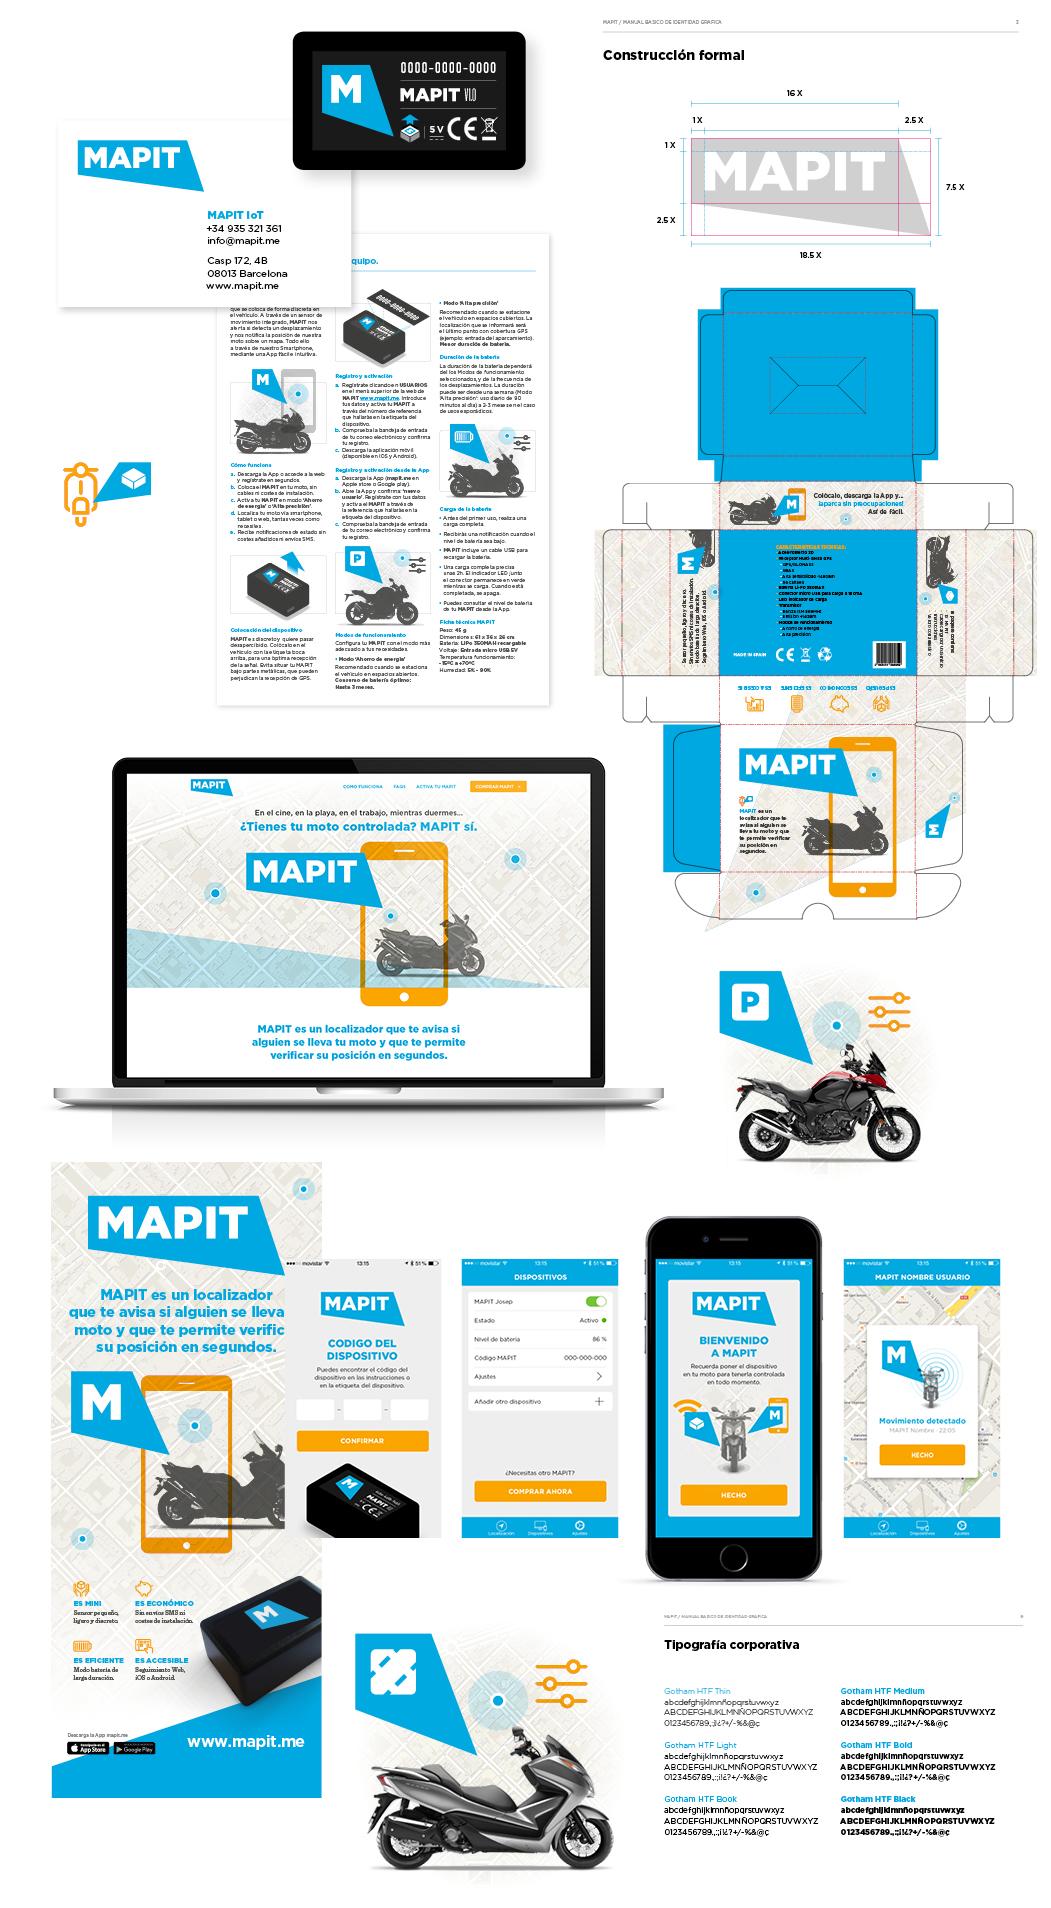 mapit_02